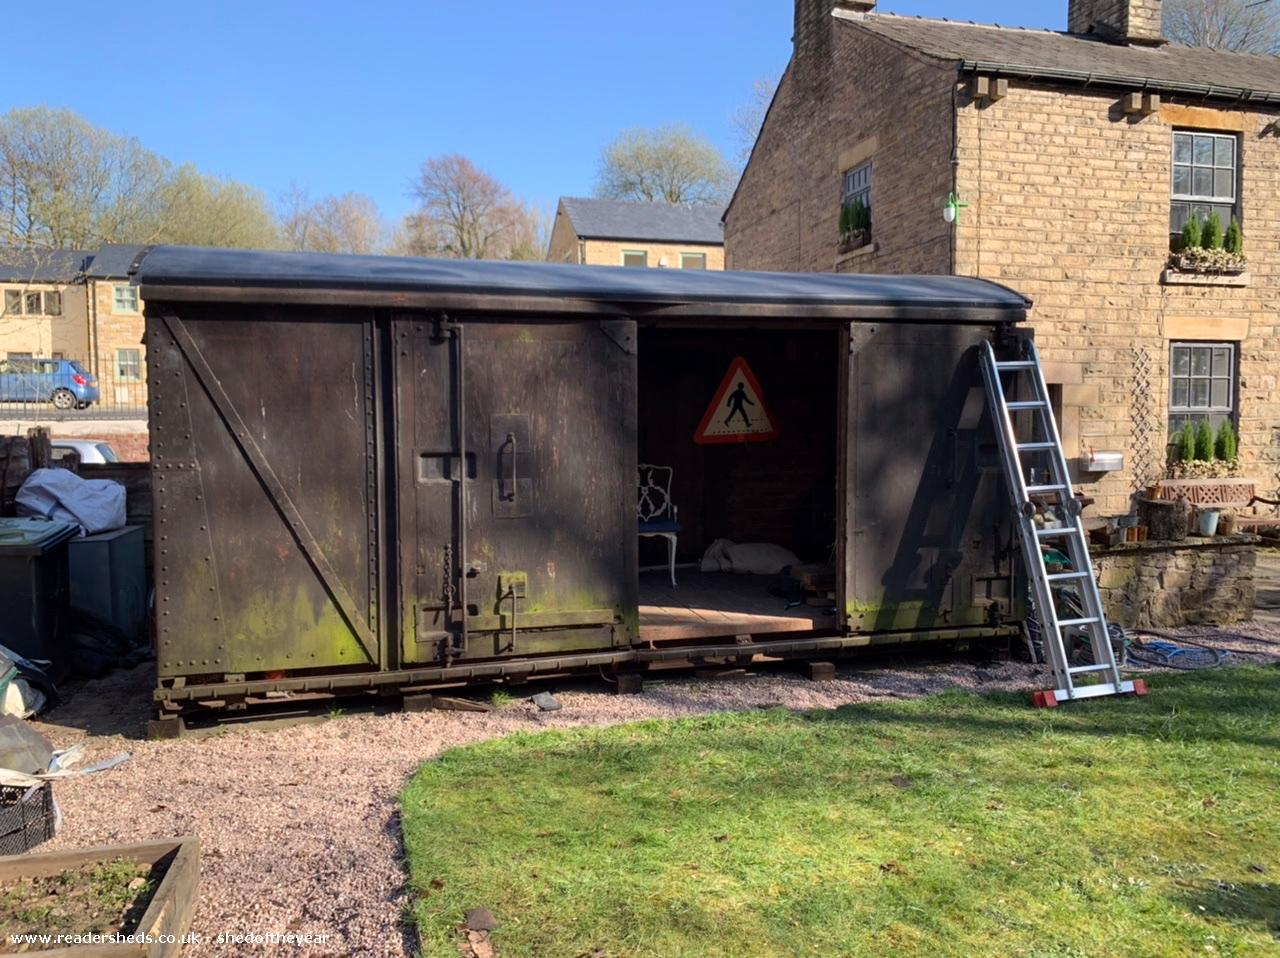 Coopersmith Salvaged 1962 Rail Van